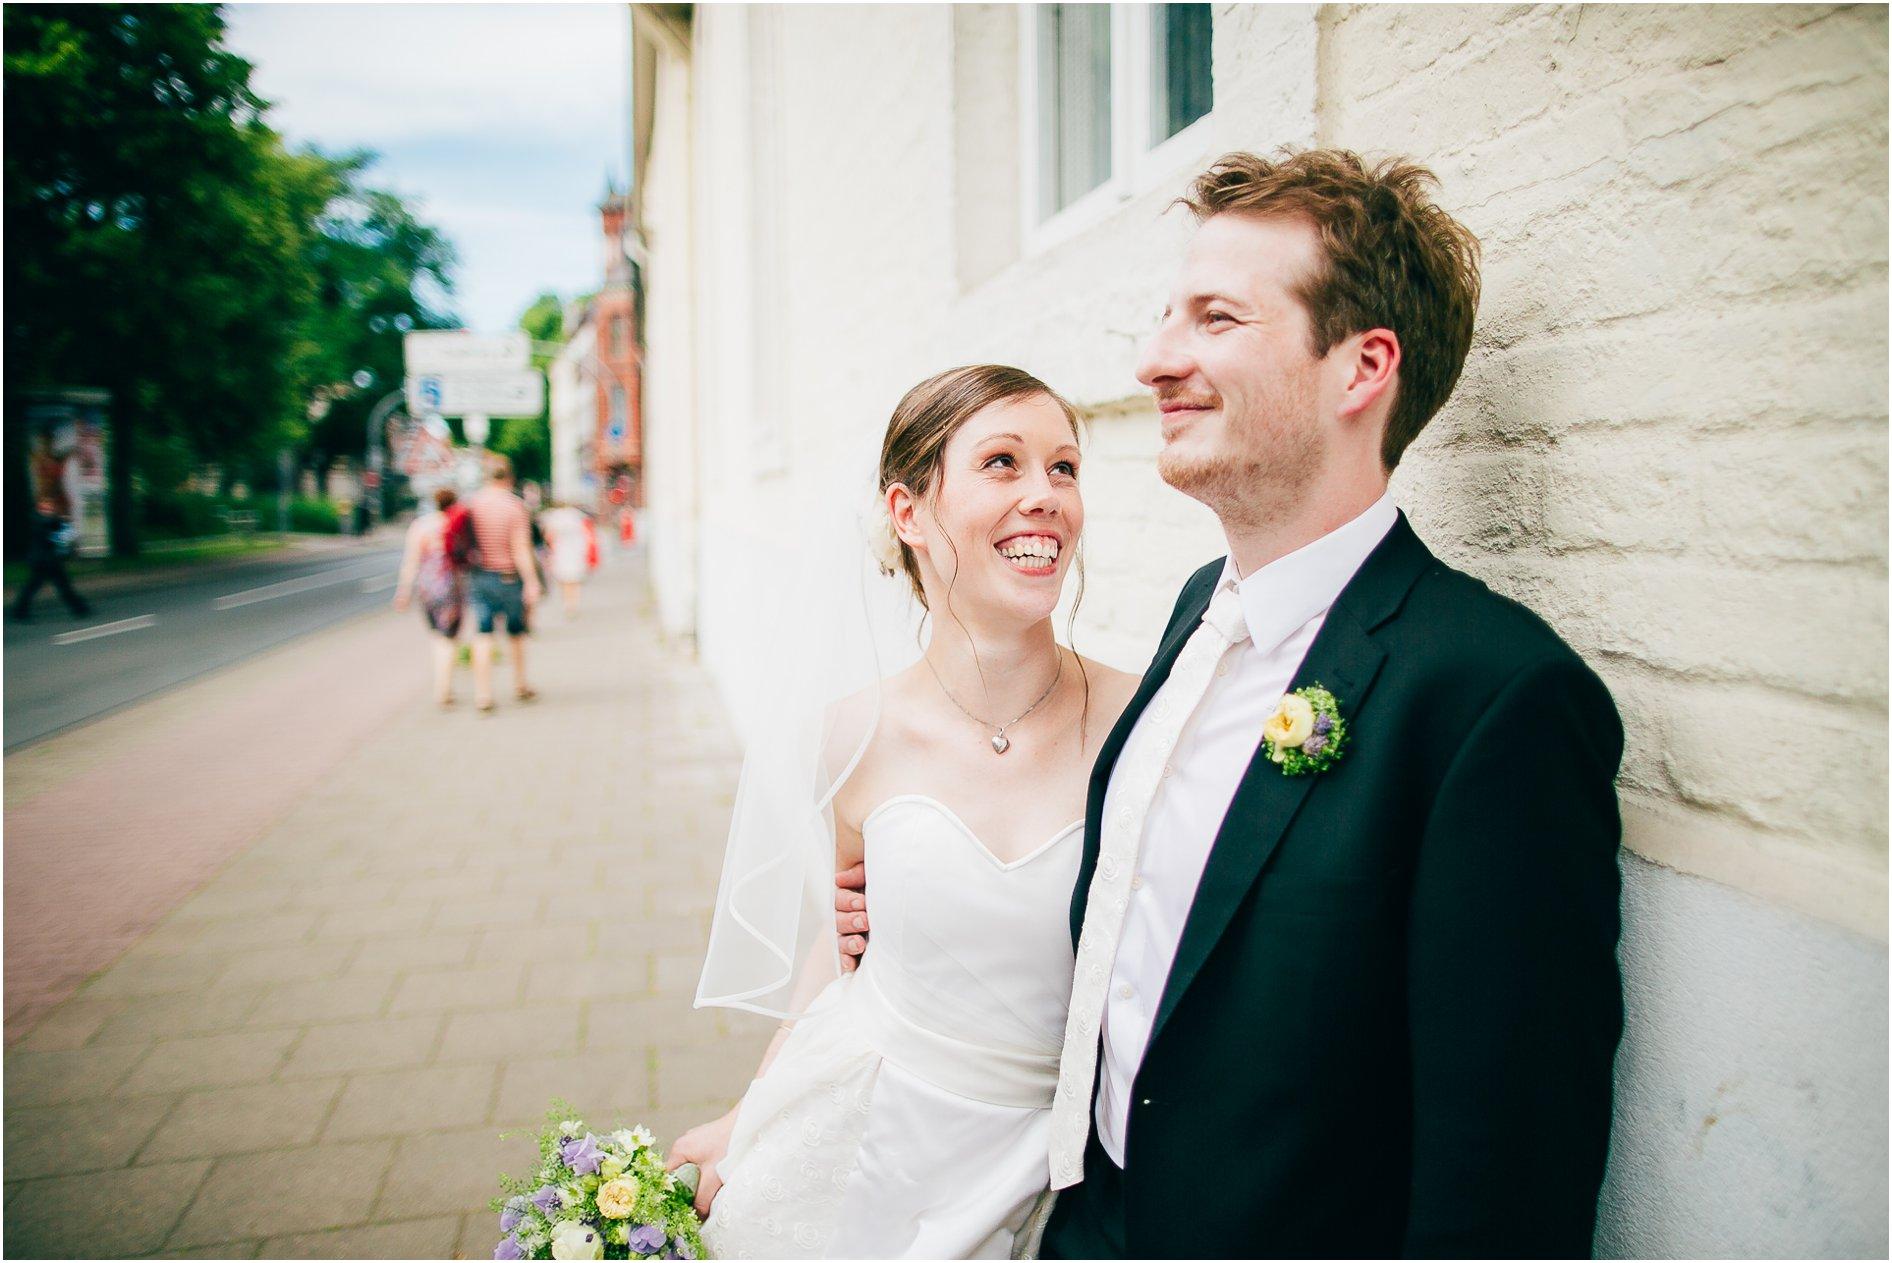 2014-08-07_0058 Wiebke und Marcio - Hochzeitsfotograf in Lüneburg